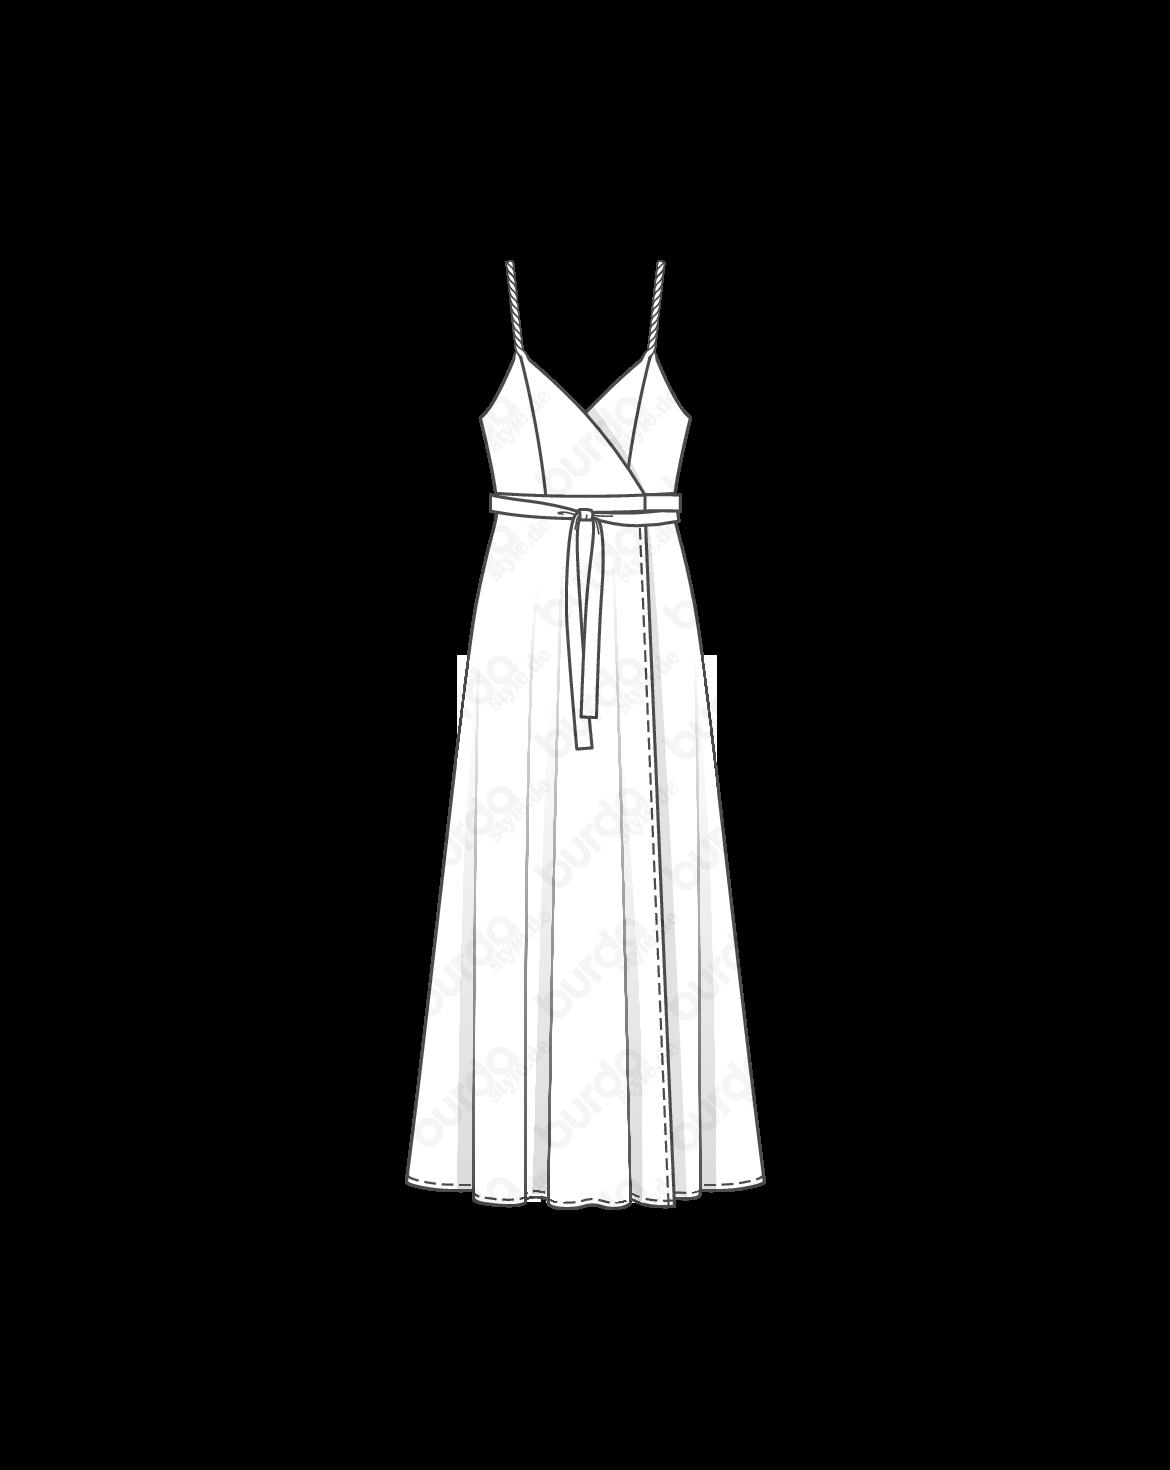 Schnittmuster Abendkleid Das Elegante Maxikleid In Wickeloptik Mit Leichtem Gehschlitz Ist Ein Hingucker Fur F Schnittmuster Abendkleid Kleider Abendkleid